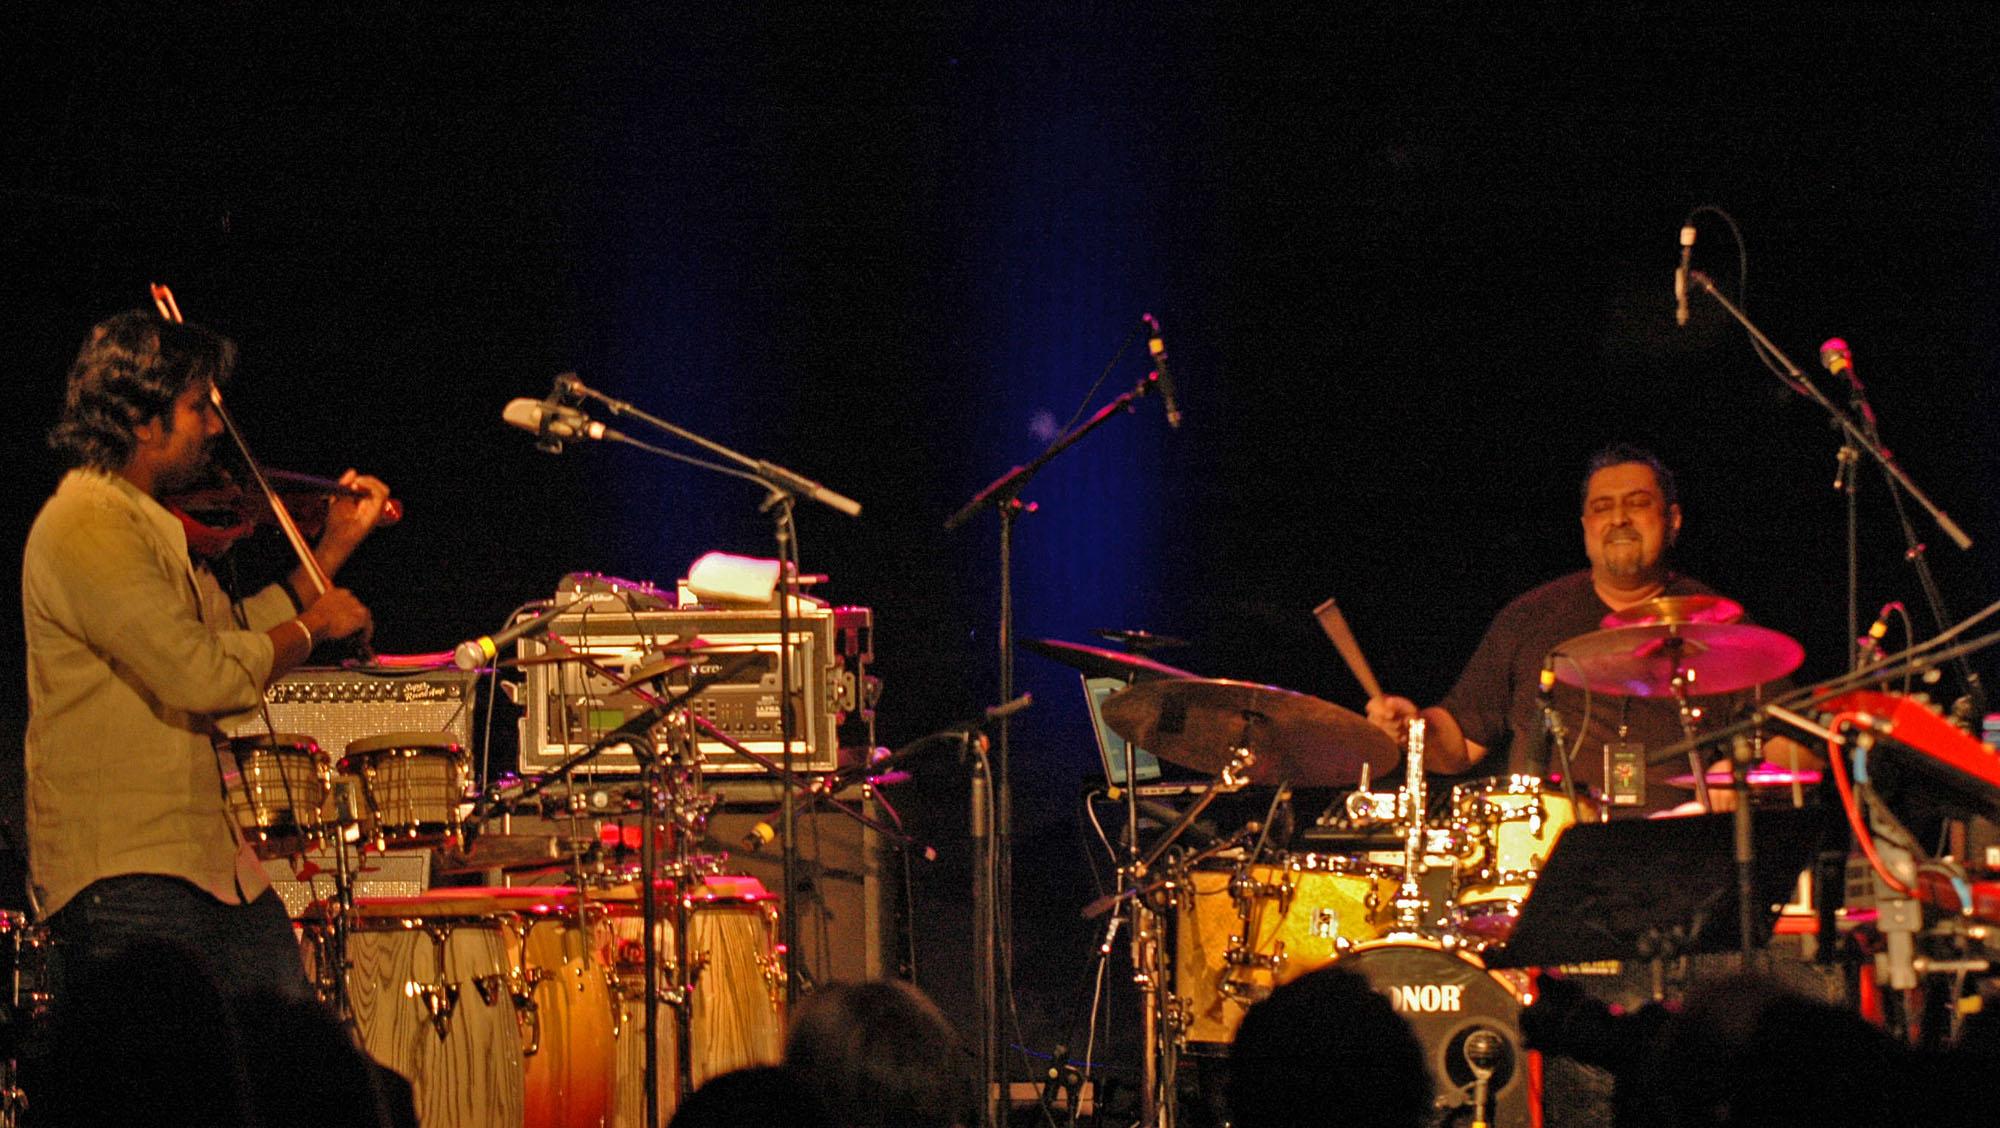 Bala Bhaskar and Ranjit Barot, Performing at the New Universe Music Festival 2010